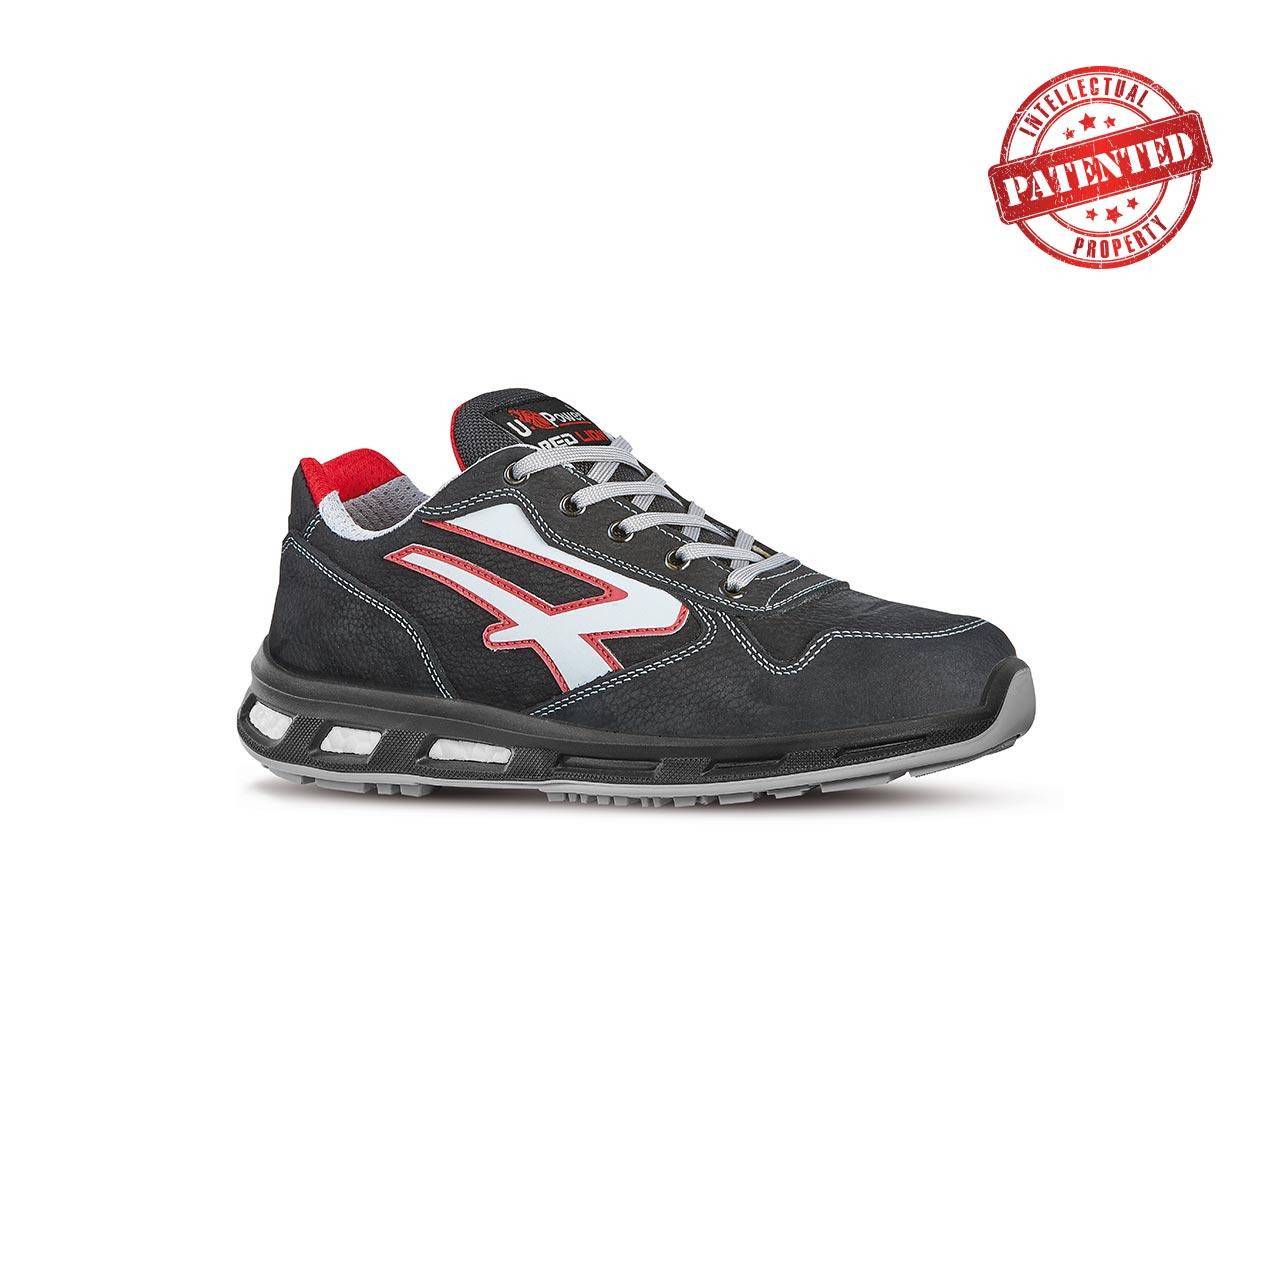 scarpa antinfortunistica upower modello dharma linea redlion vista laterale